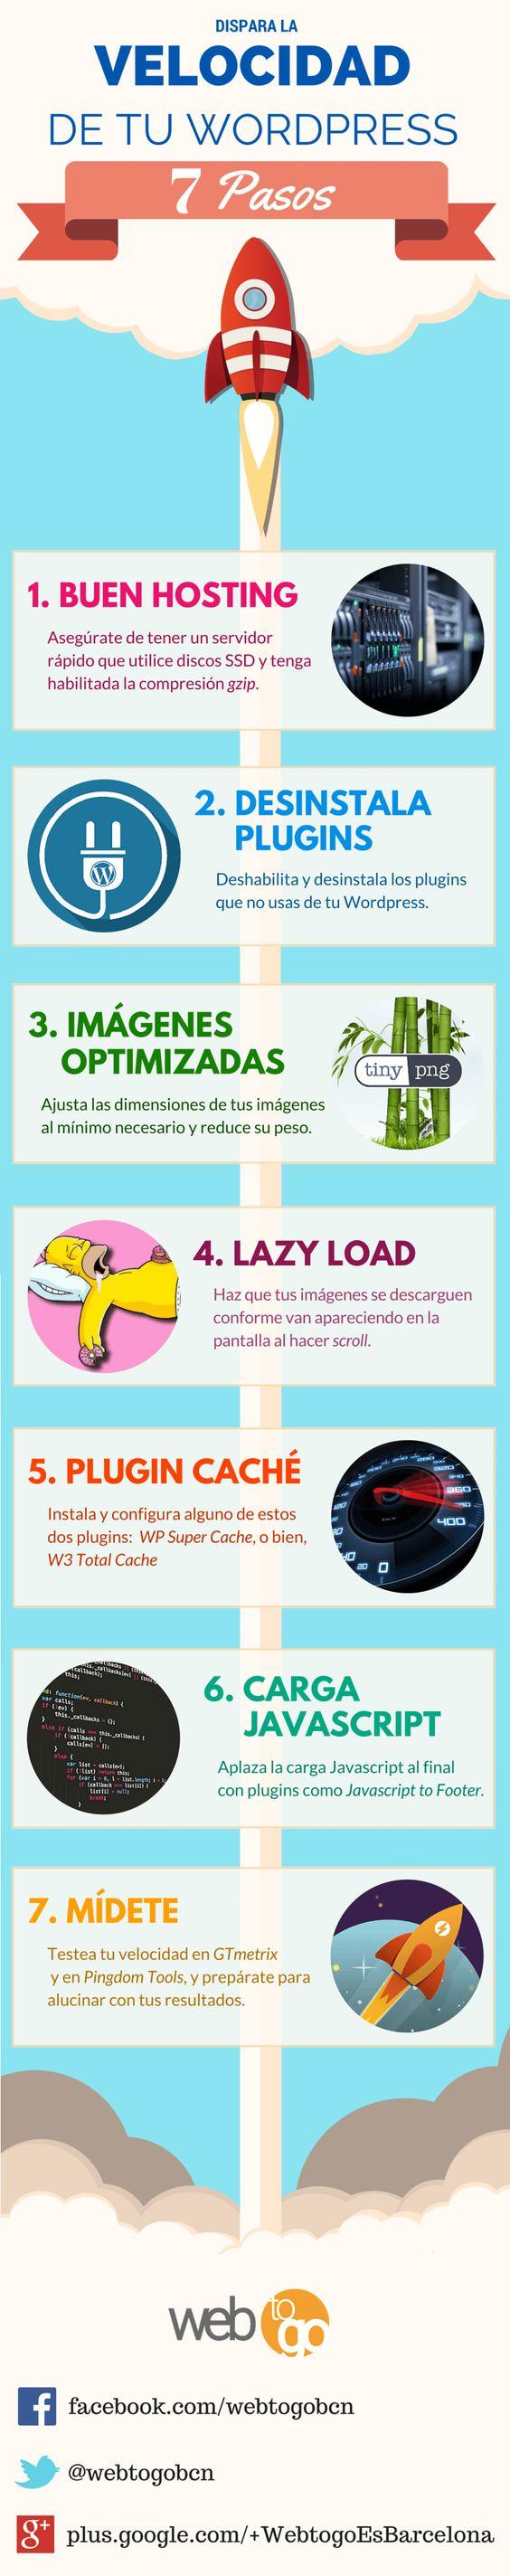 7 pasos para disparar la velocidad de tu WordPress #infografía